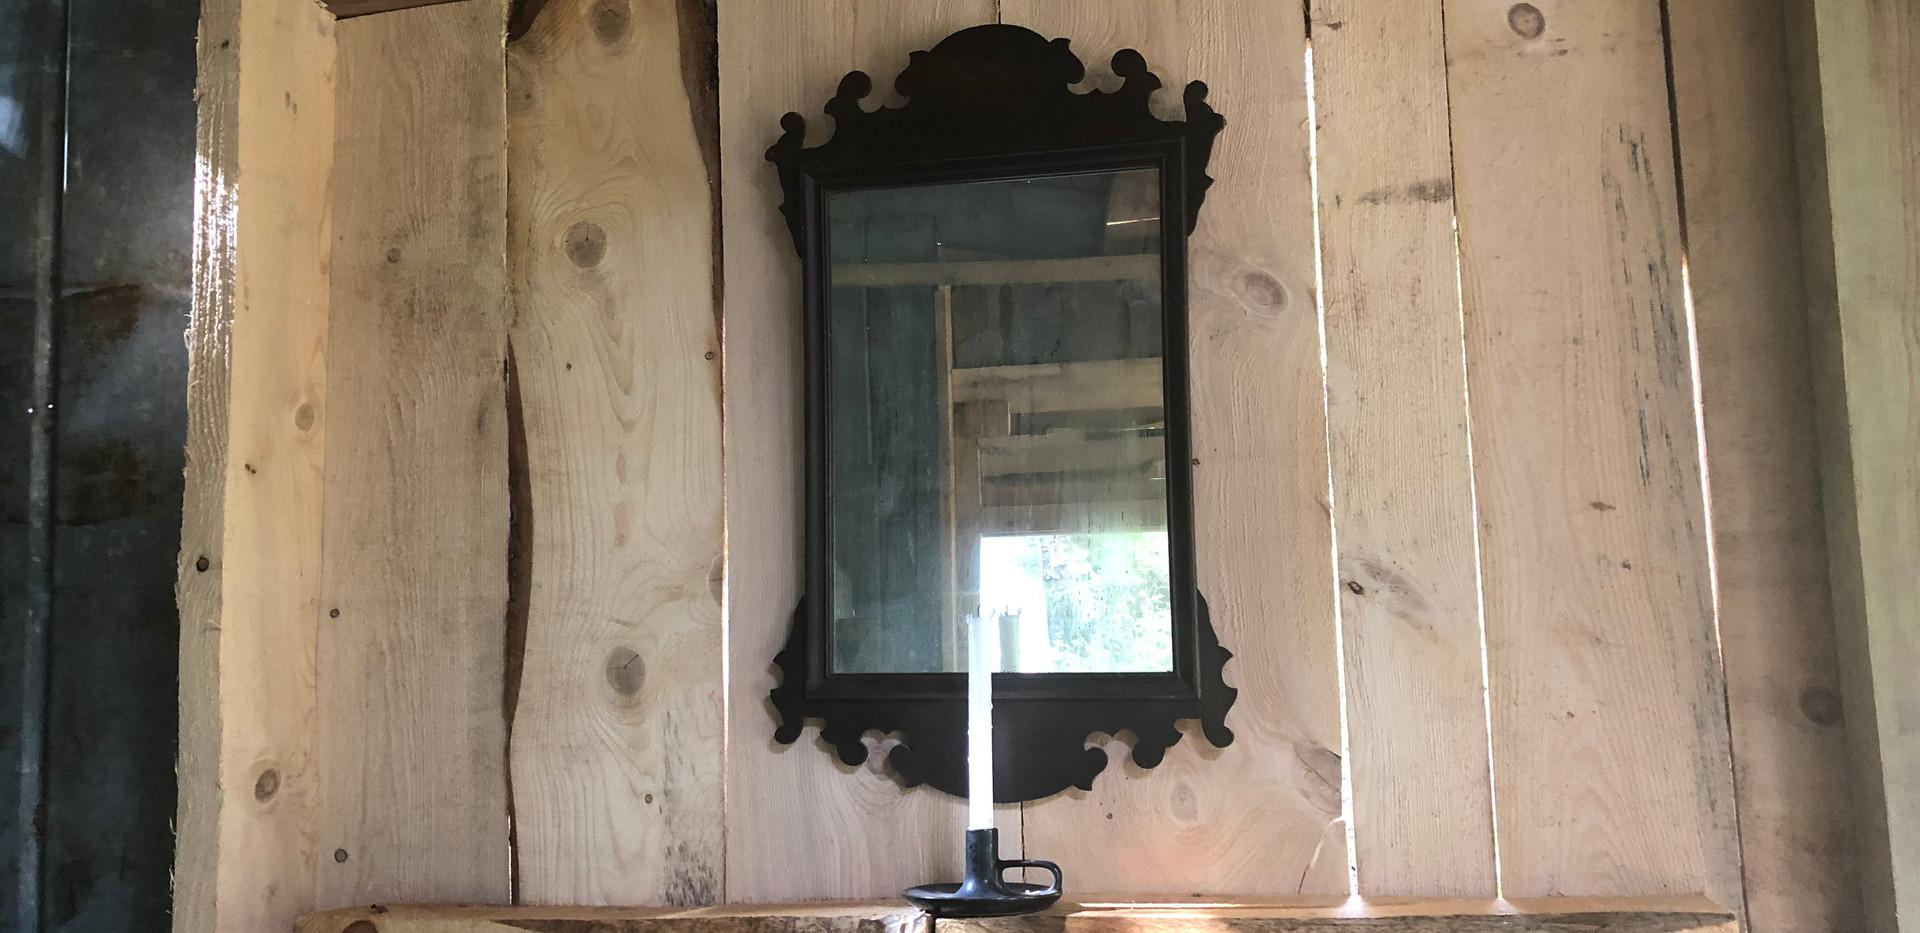 Lean-Too Mirror